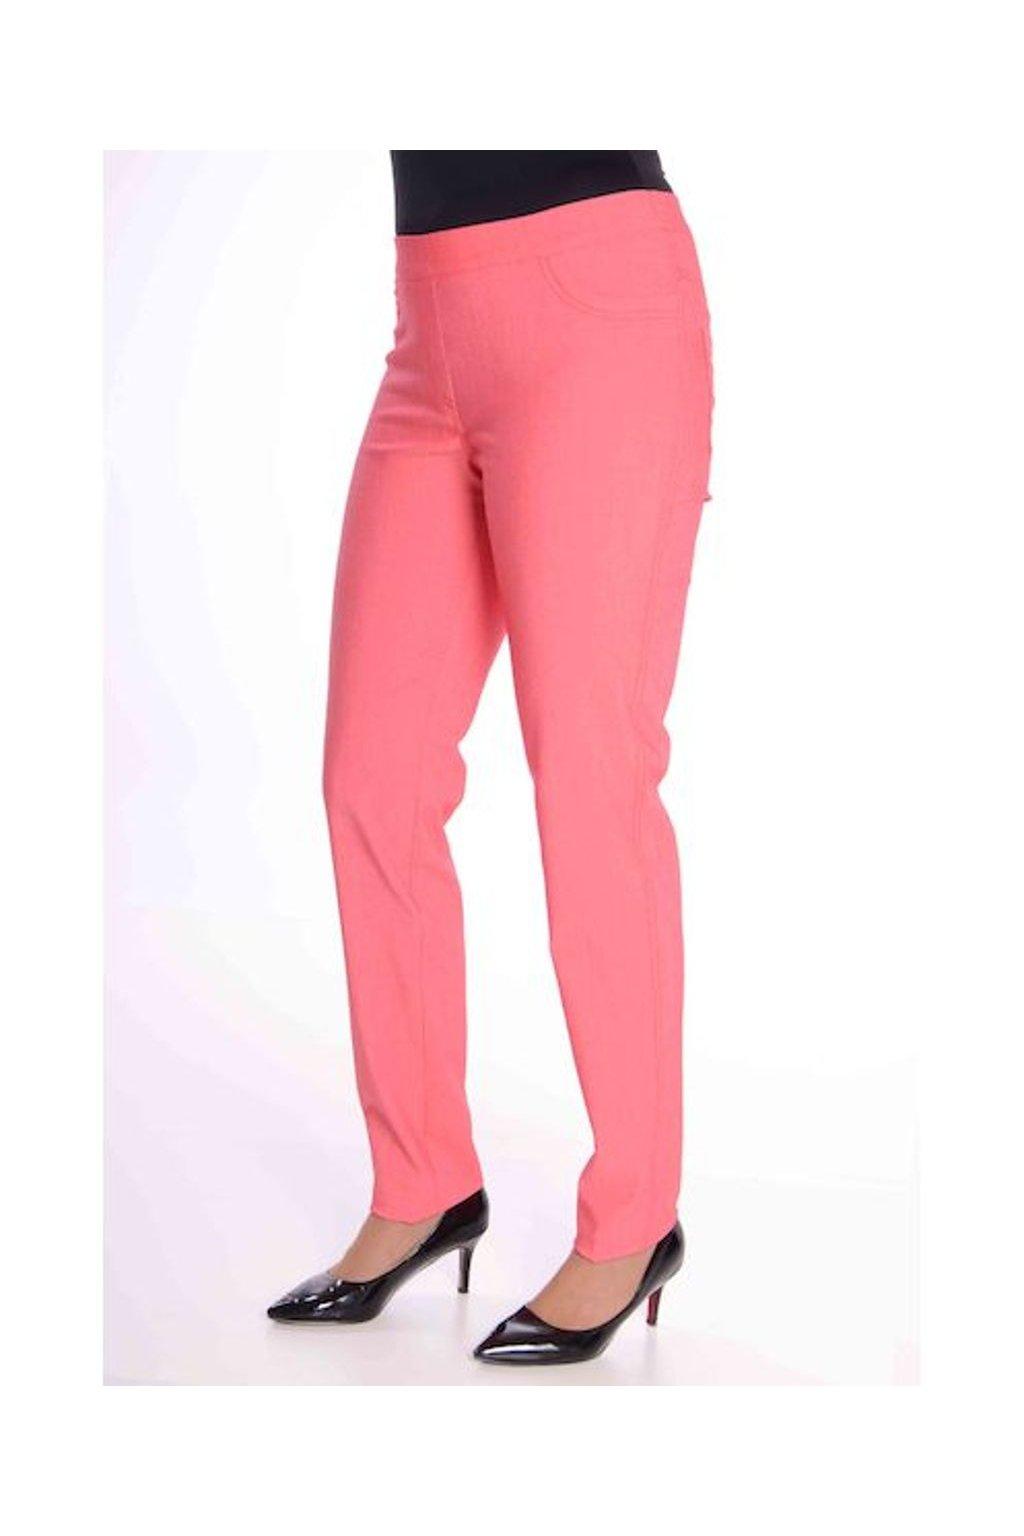 68T Kalhoty Jenny (Velikost 36, Barva Růžová)